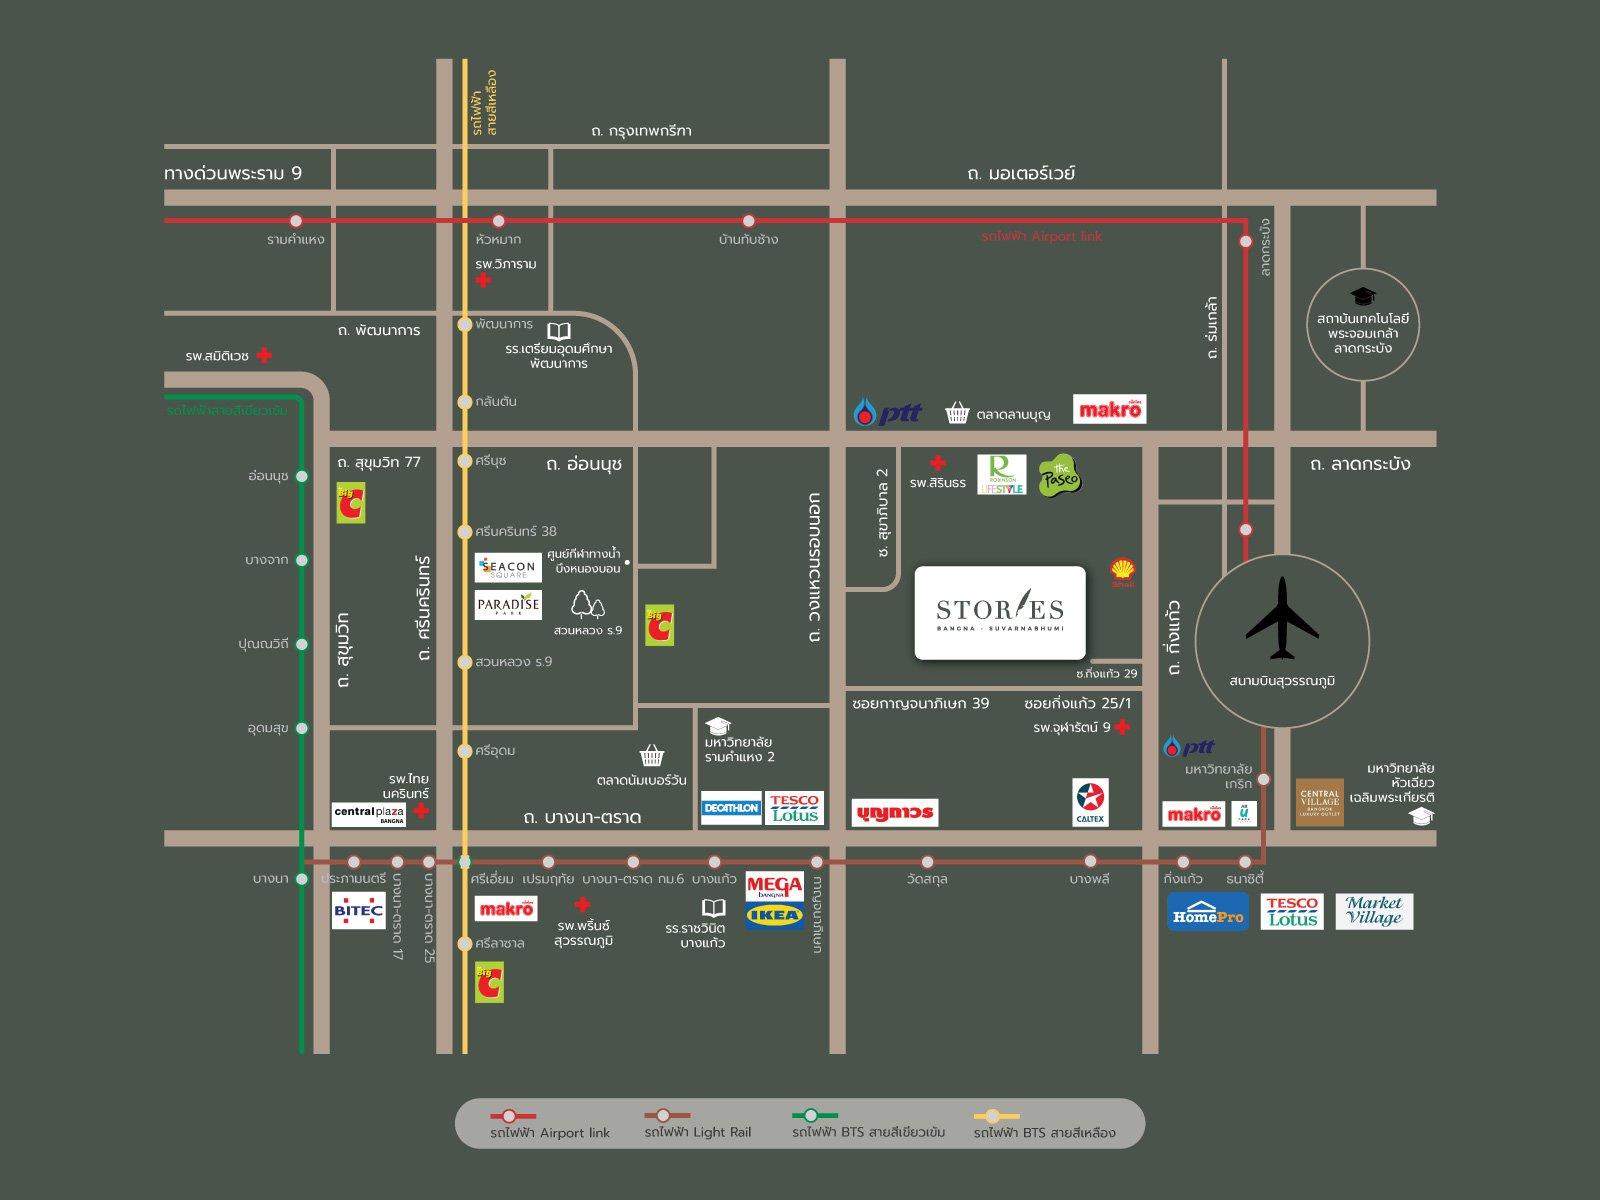 แผนที่โครงการ สตอรี่ บางนา-สุวรรณภูมิ